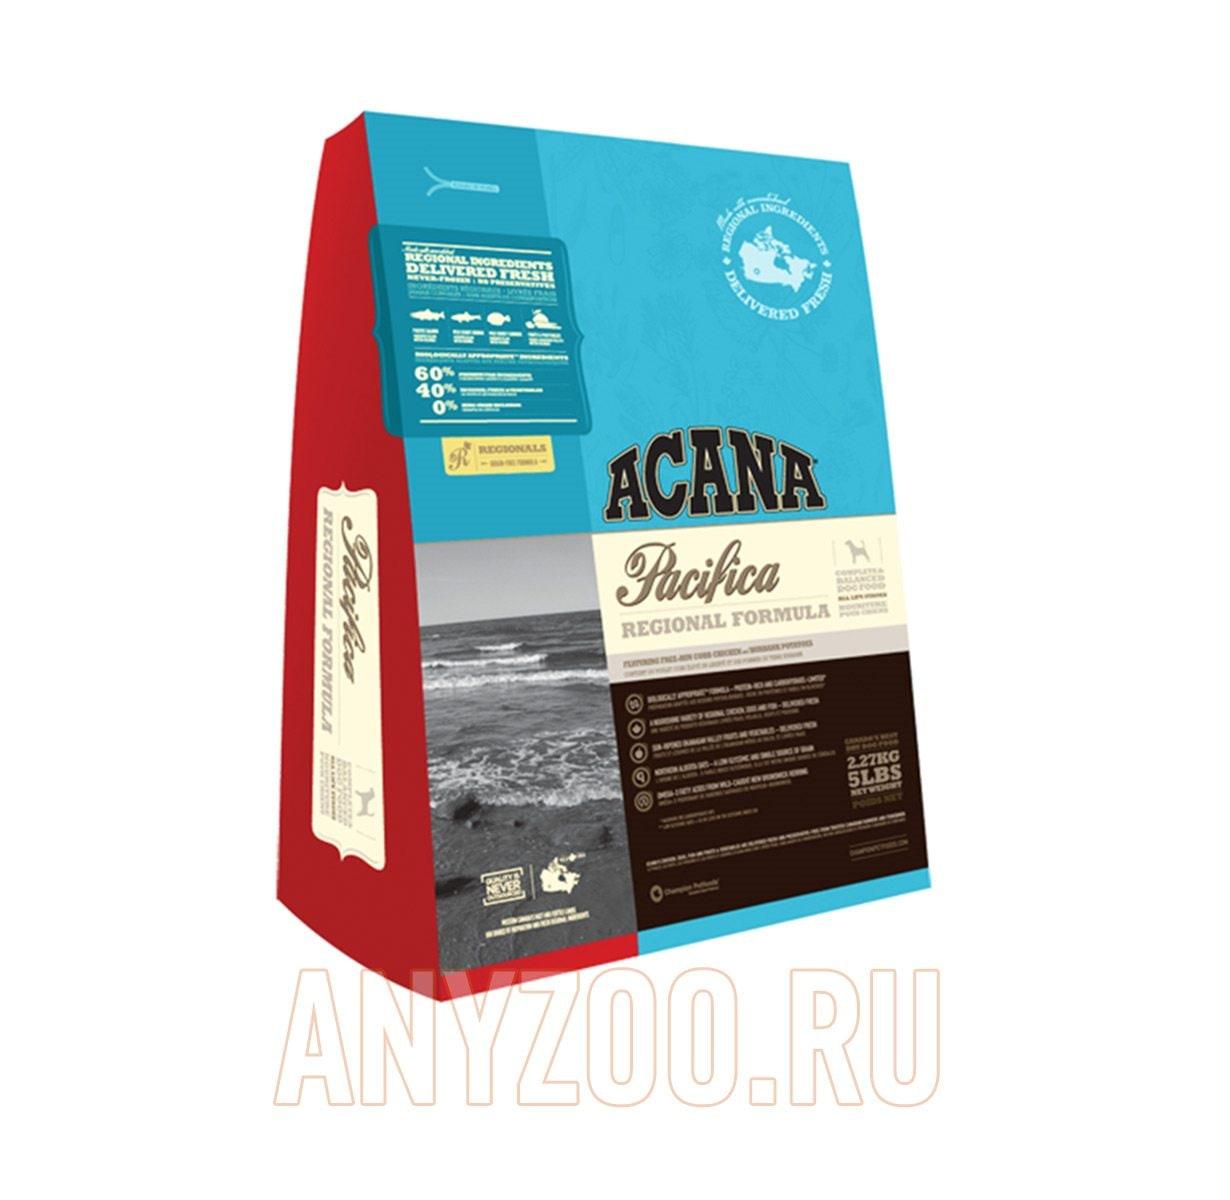 Фото товара Acana Pacifica Dog - Акана для собак всех пород и возрастов (Беззерновой)